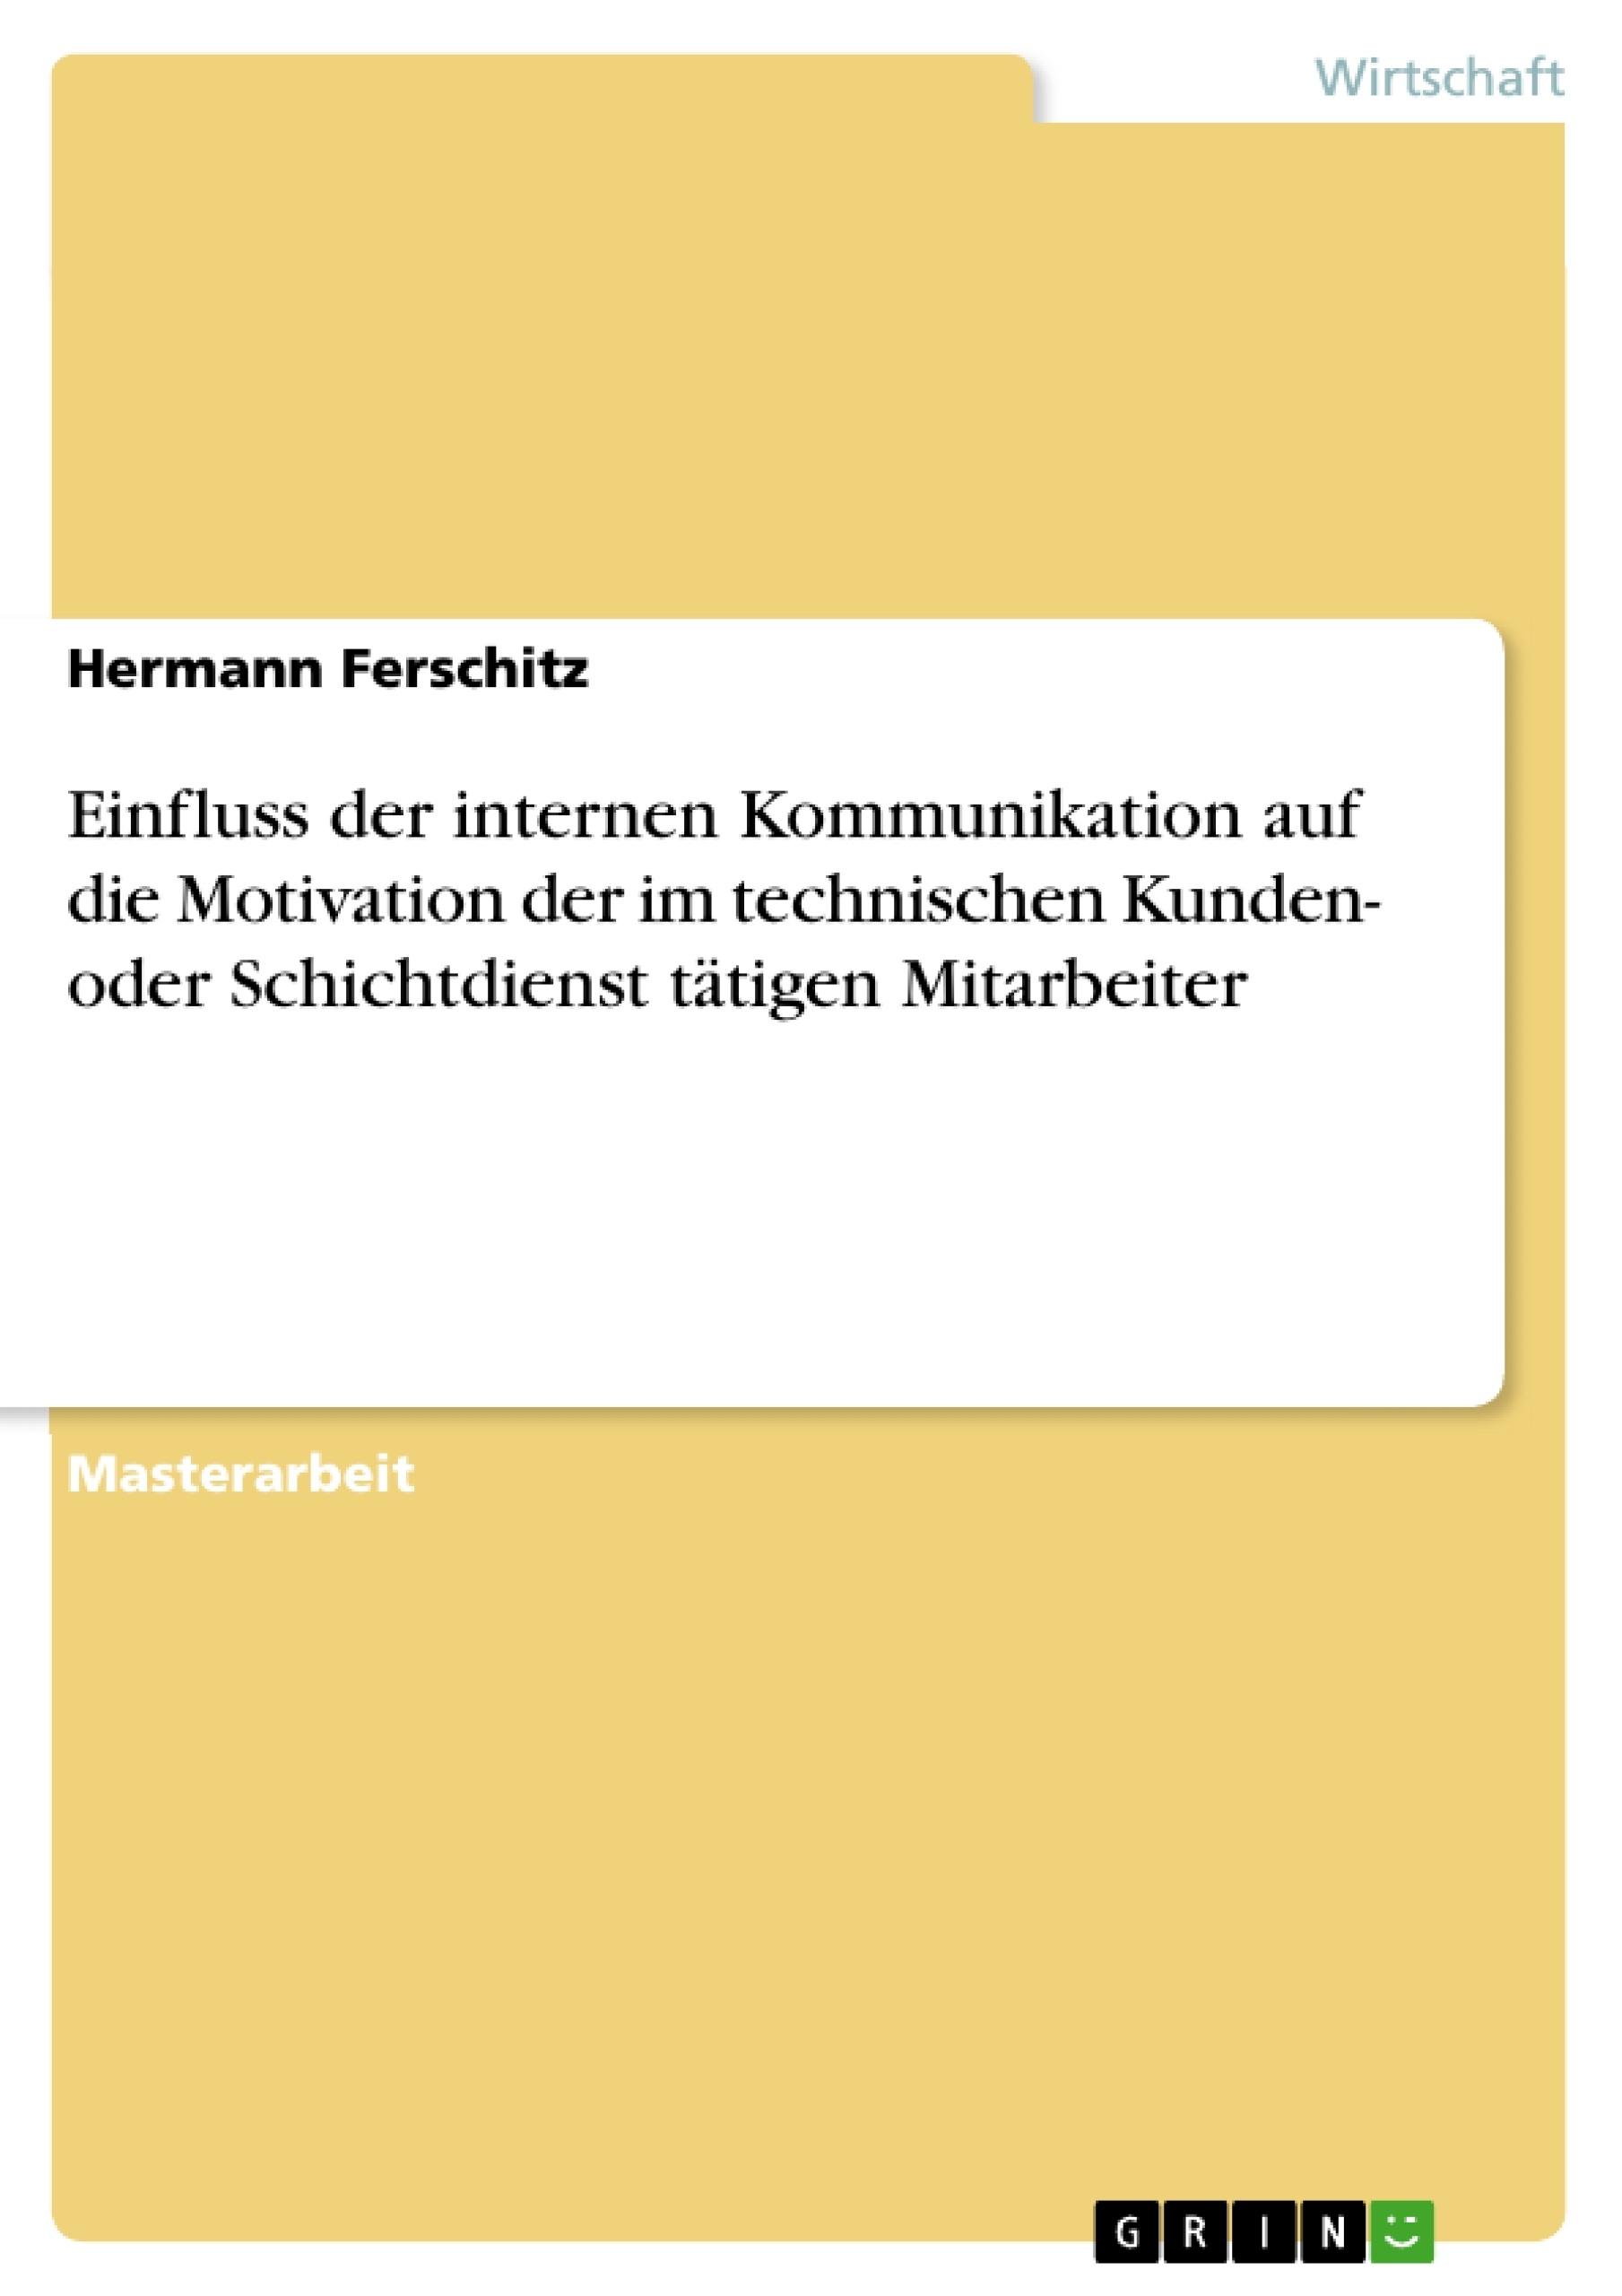 Titel: Einfluss der internen Kommunikation auf die Motivation der im technischen Kunden- oder Schichtdienst tätigen Mitarbeiter